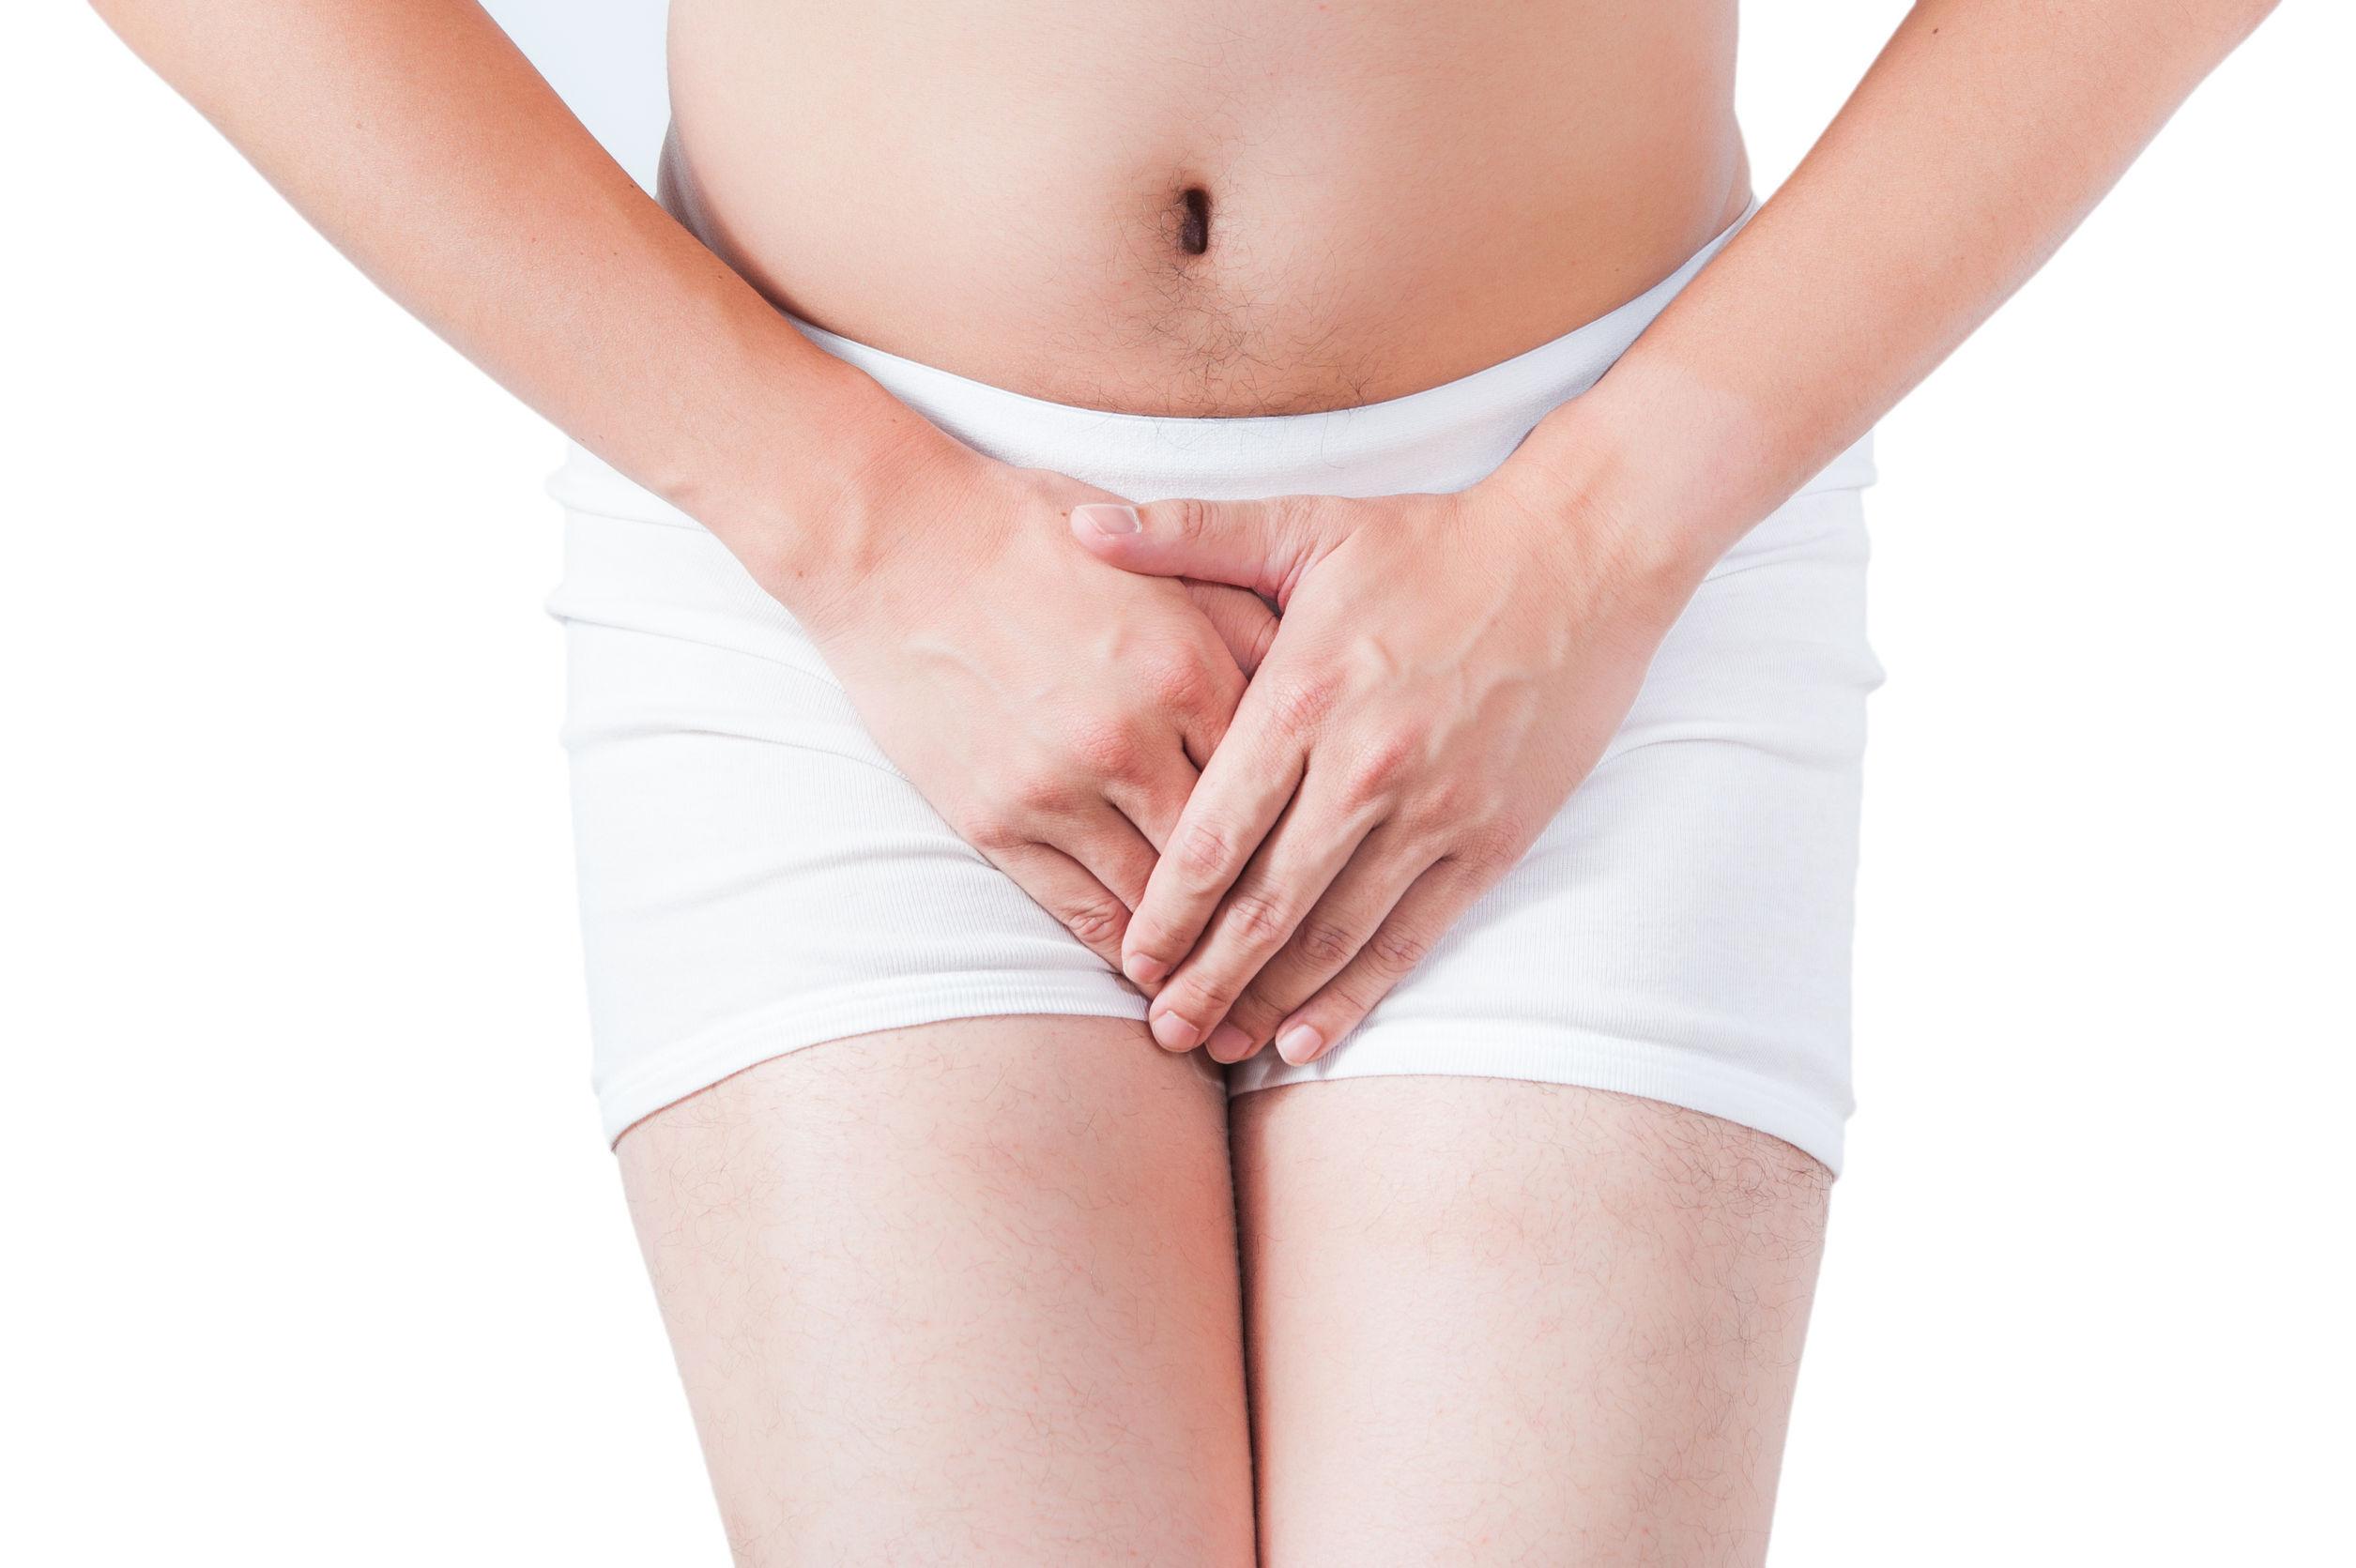 Ból brzucha z lewej strony - przyczyny, metody leczenia, zapobieganie